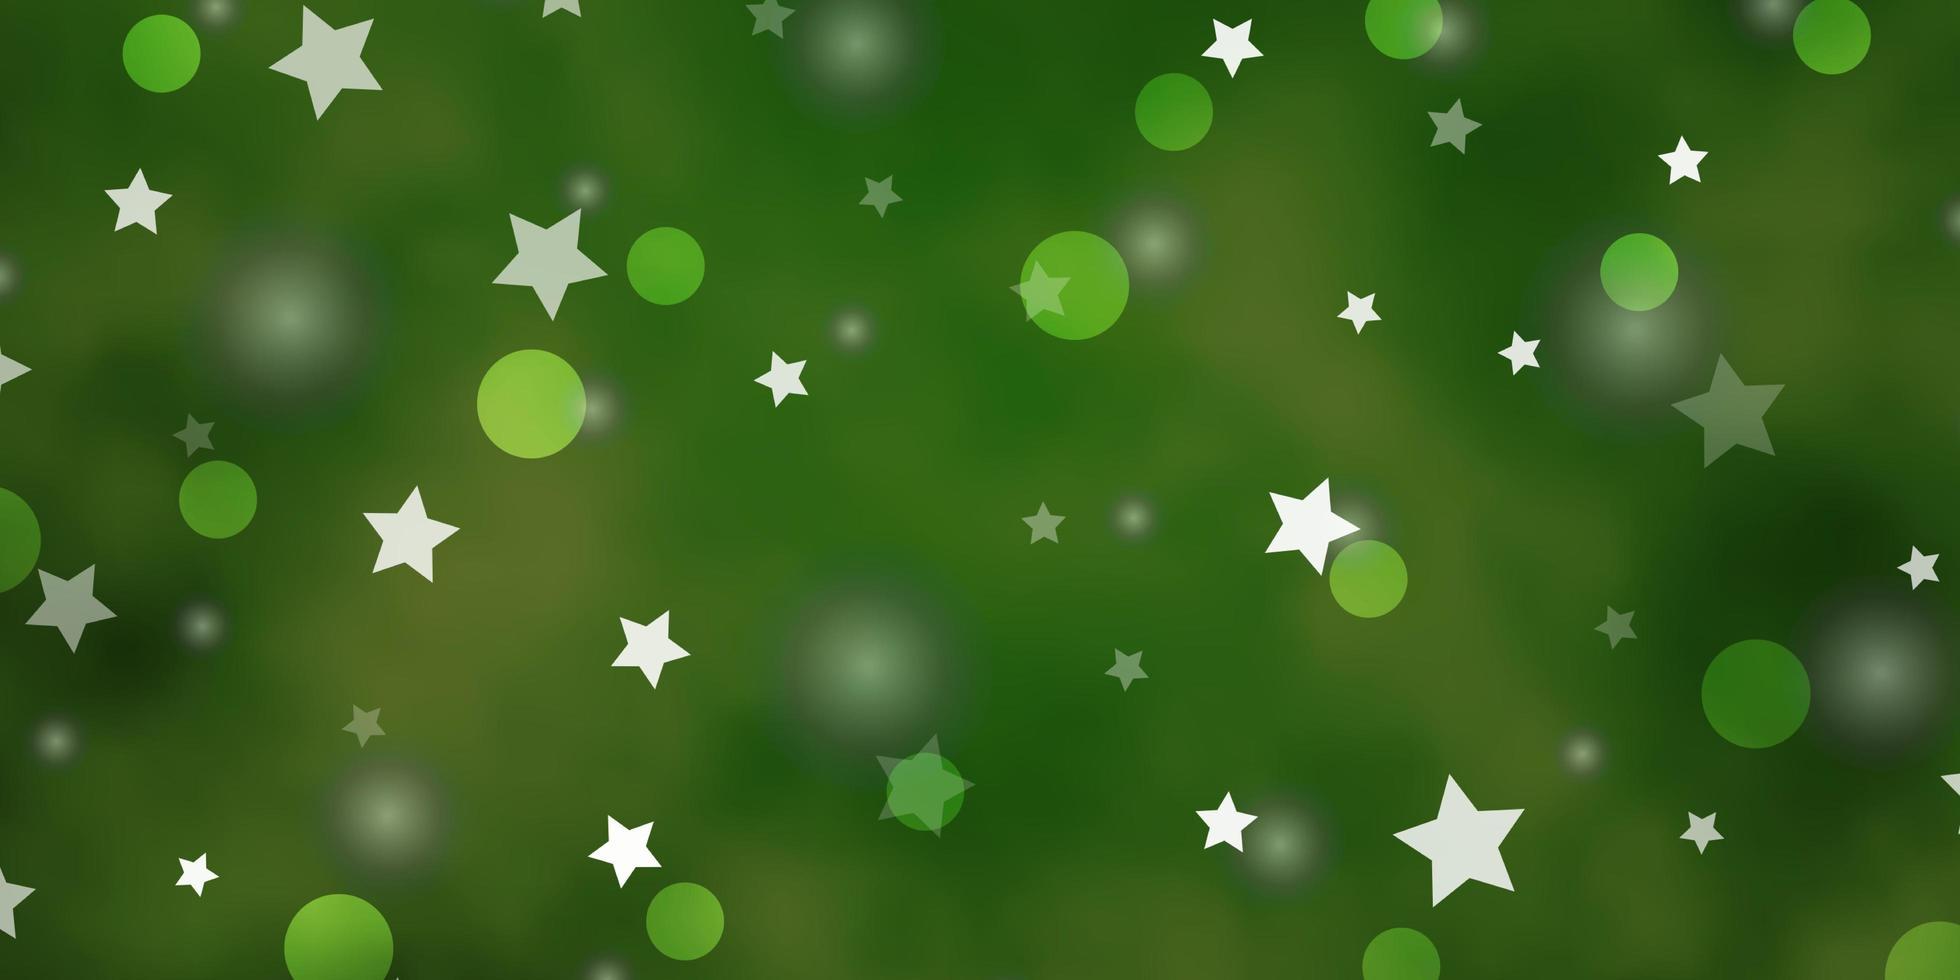 hellgrüner Hintergrund mit Kreisen, Sternen. vektor